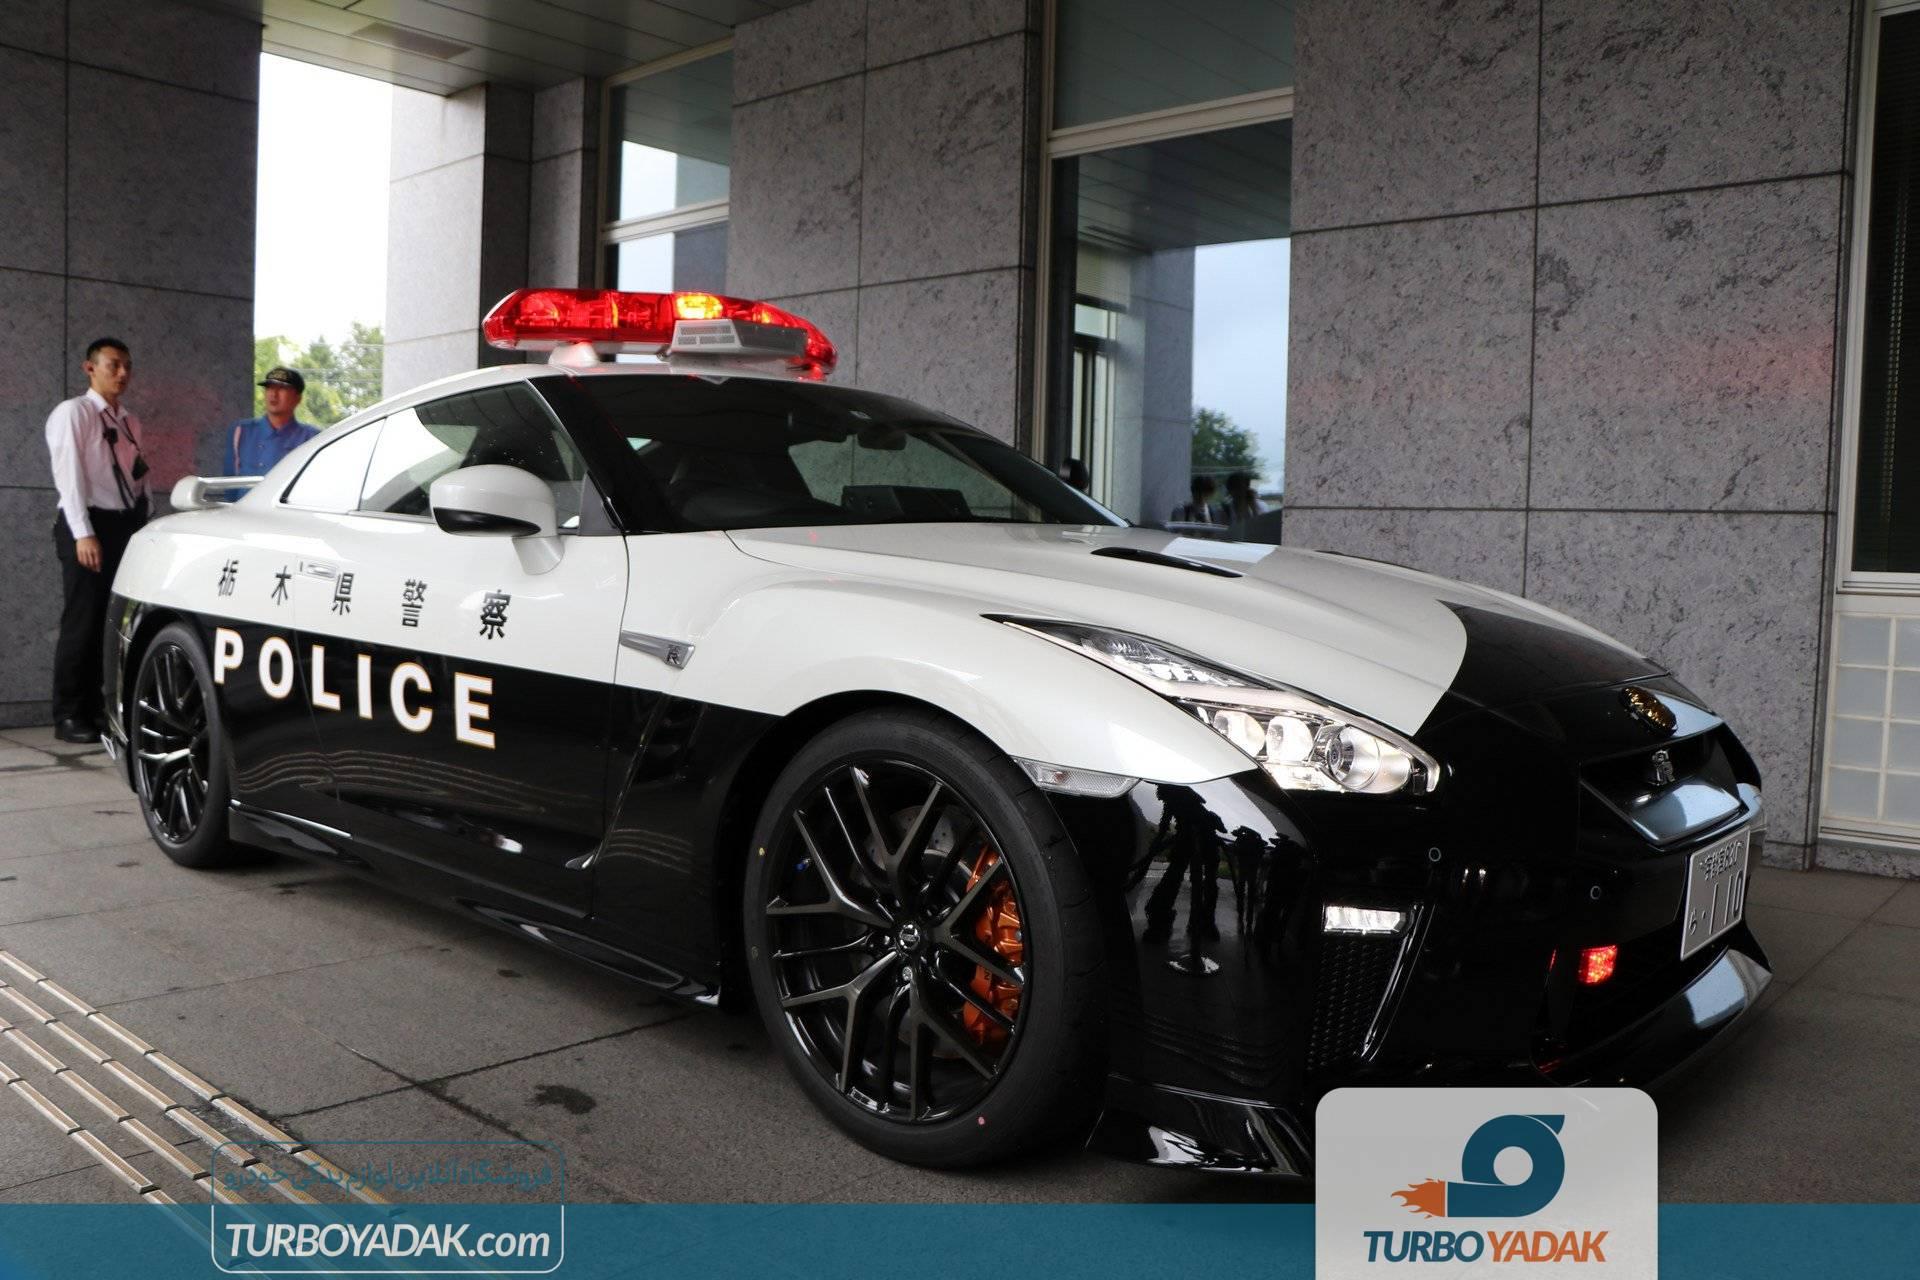 ماشین پلیس استرالیا